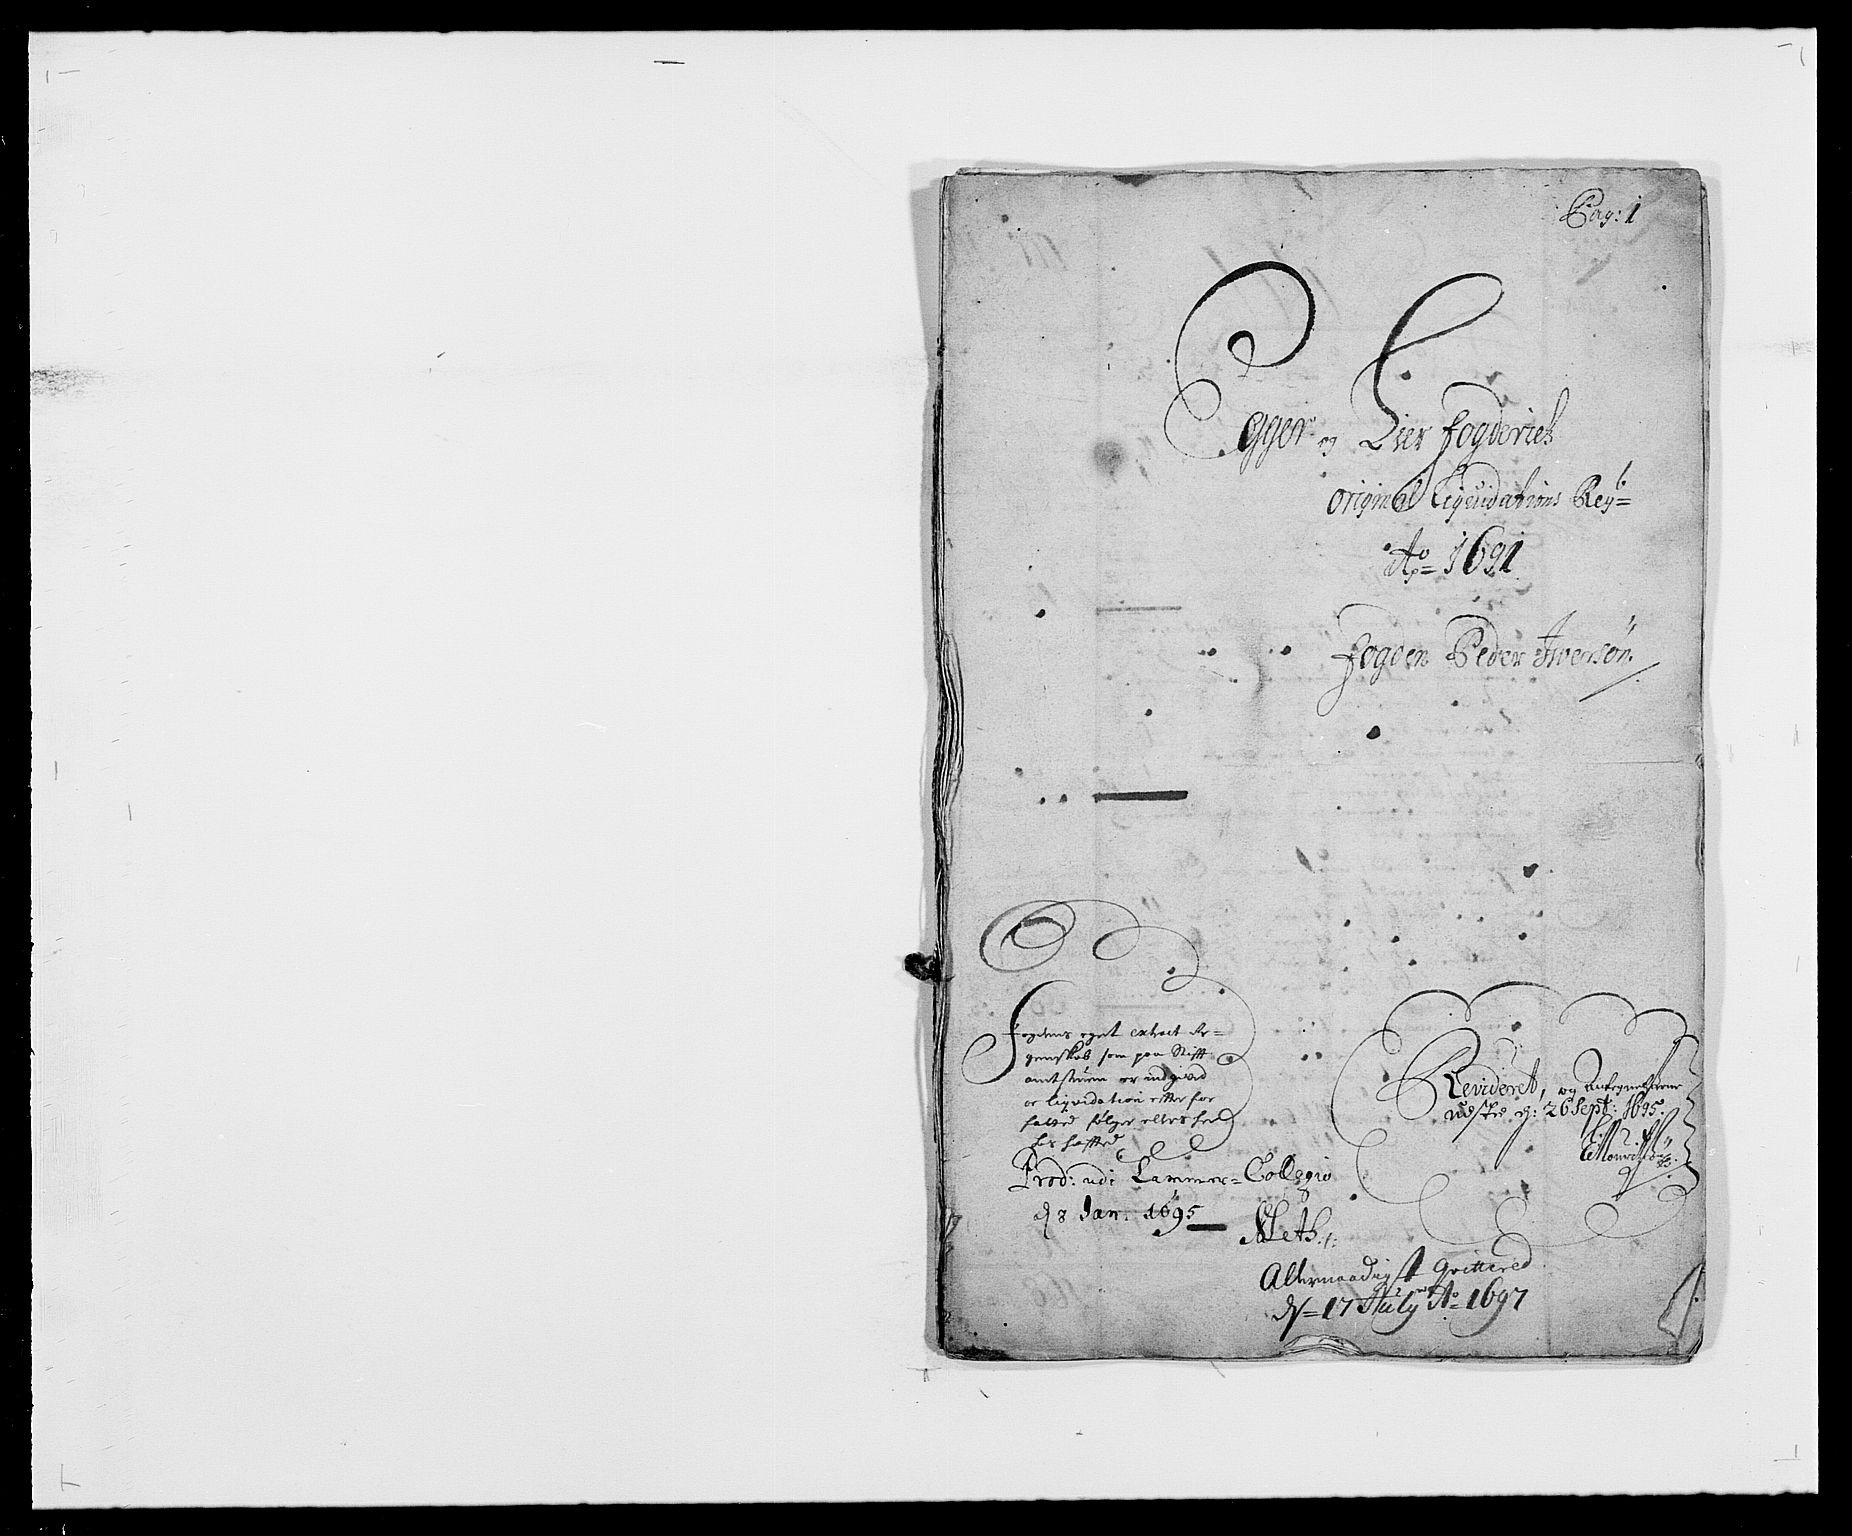 RA, Rentekammeret inntil 1814, Reviderte regnskaper, Fogderegnskap, R28/L1689: Fogderegnskap Eiker og Lier, 1690-1691, s. 205